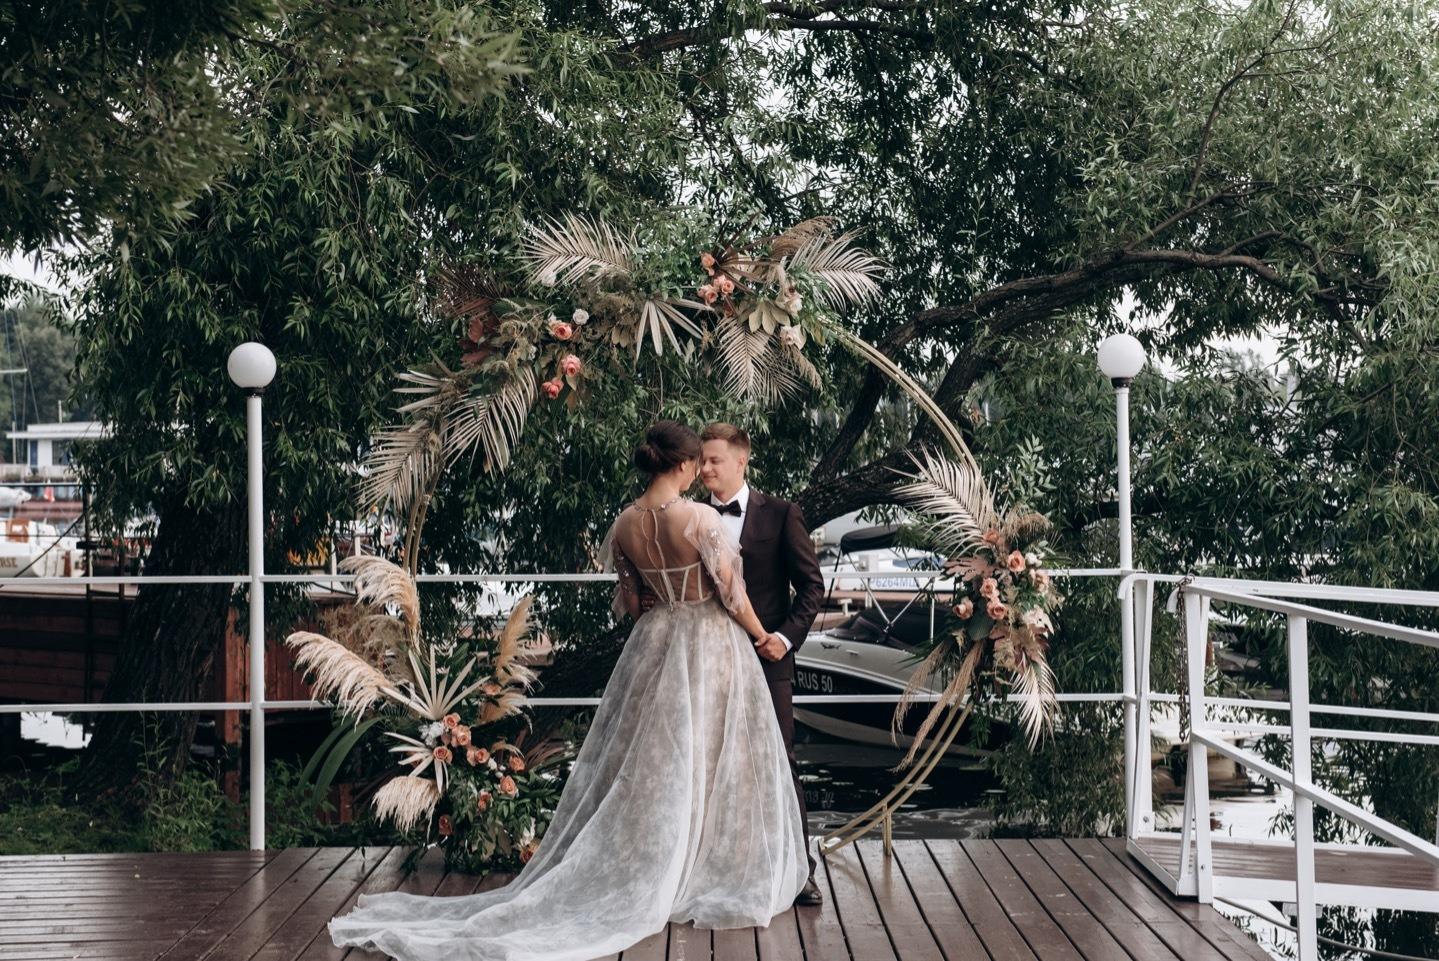 Свадьба в яхт клубе москва цена вакансия на работу в клубах москвы